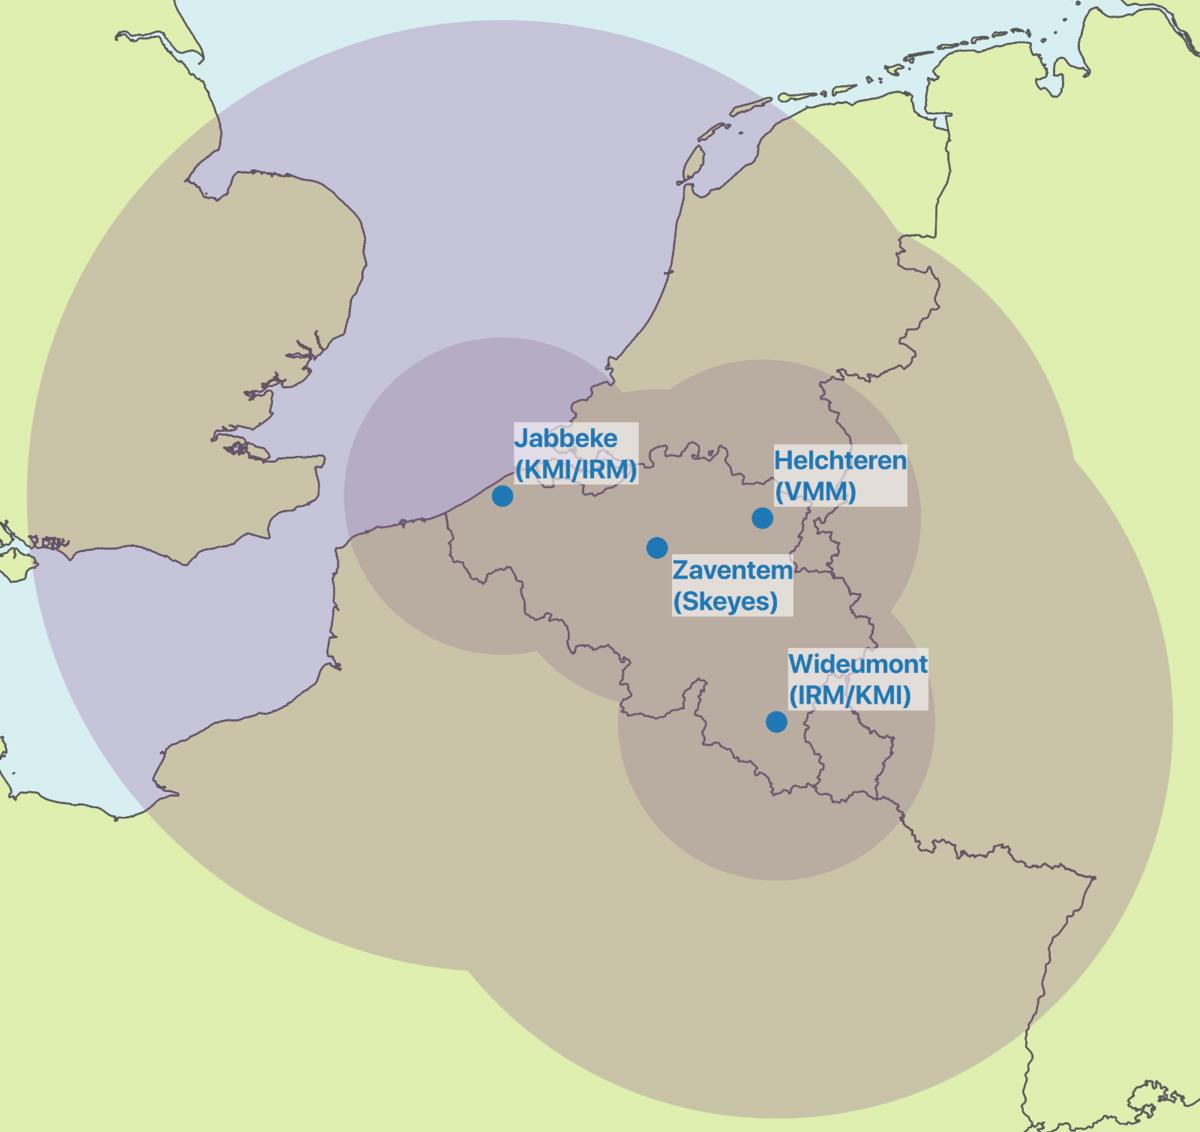 Het Belgisch netwerk van meteorologische radars.